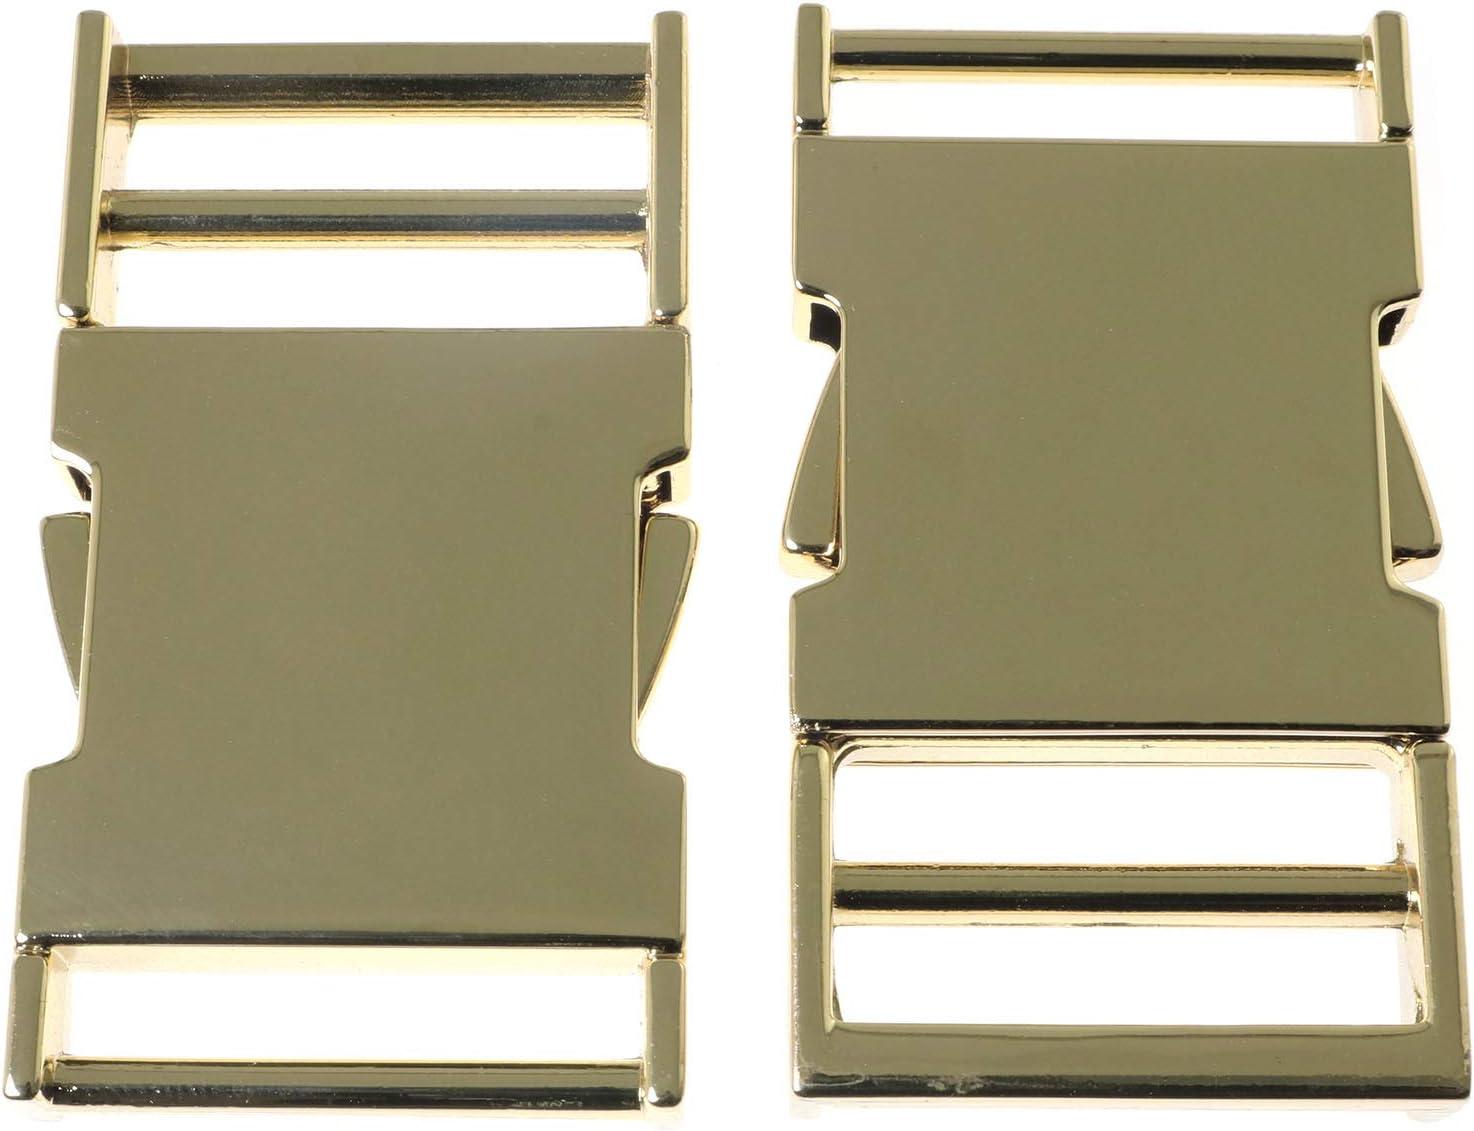 iEFiEL 5Pcs Hebilla de Liberaci/ón de Metal Lateral Doble 10mm Hebilla de Mochila Hebilla para Cintur/ón Hebillas de Pl/ástico para Collar de Perro Accesorios de Costura Lat/ón Antiguo One Size